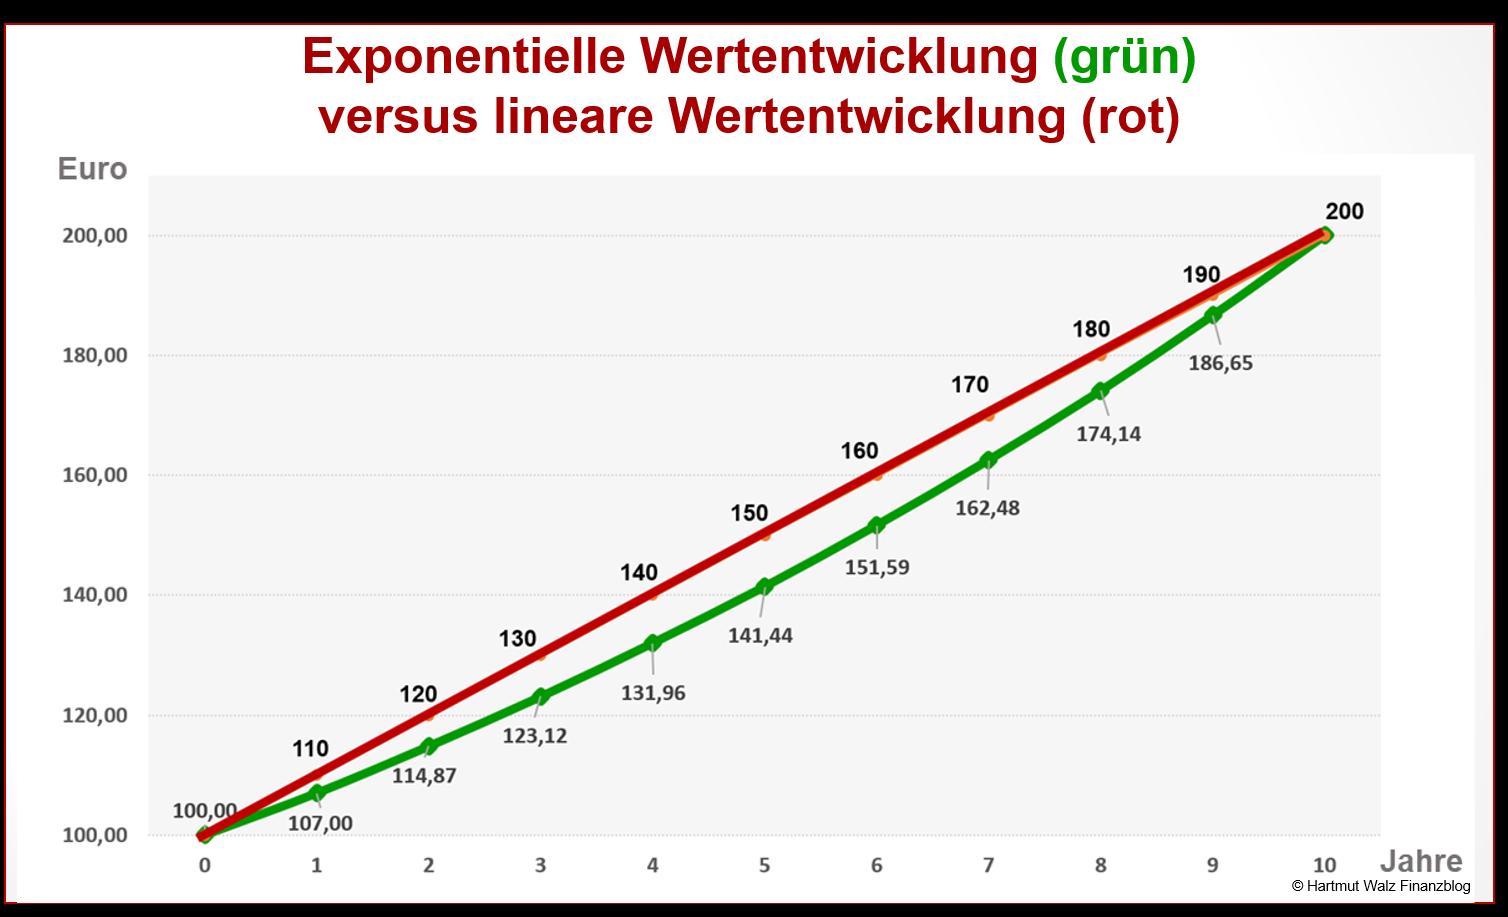 Exponentielle Wertentwicklung versus lineare Wertentwicklung